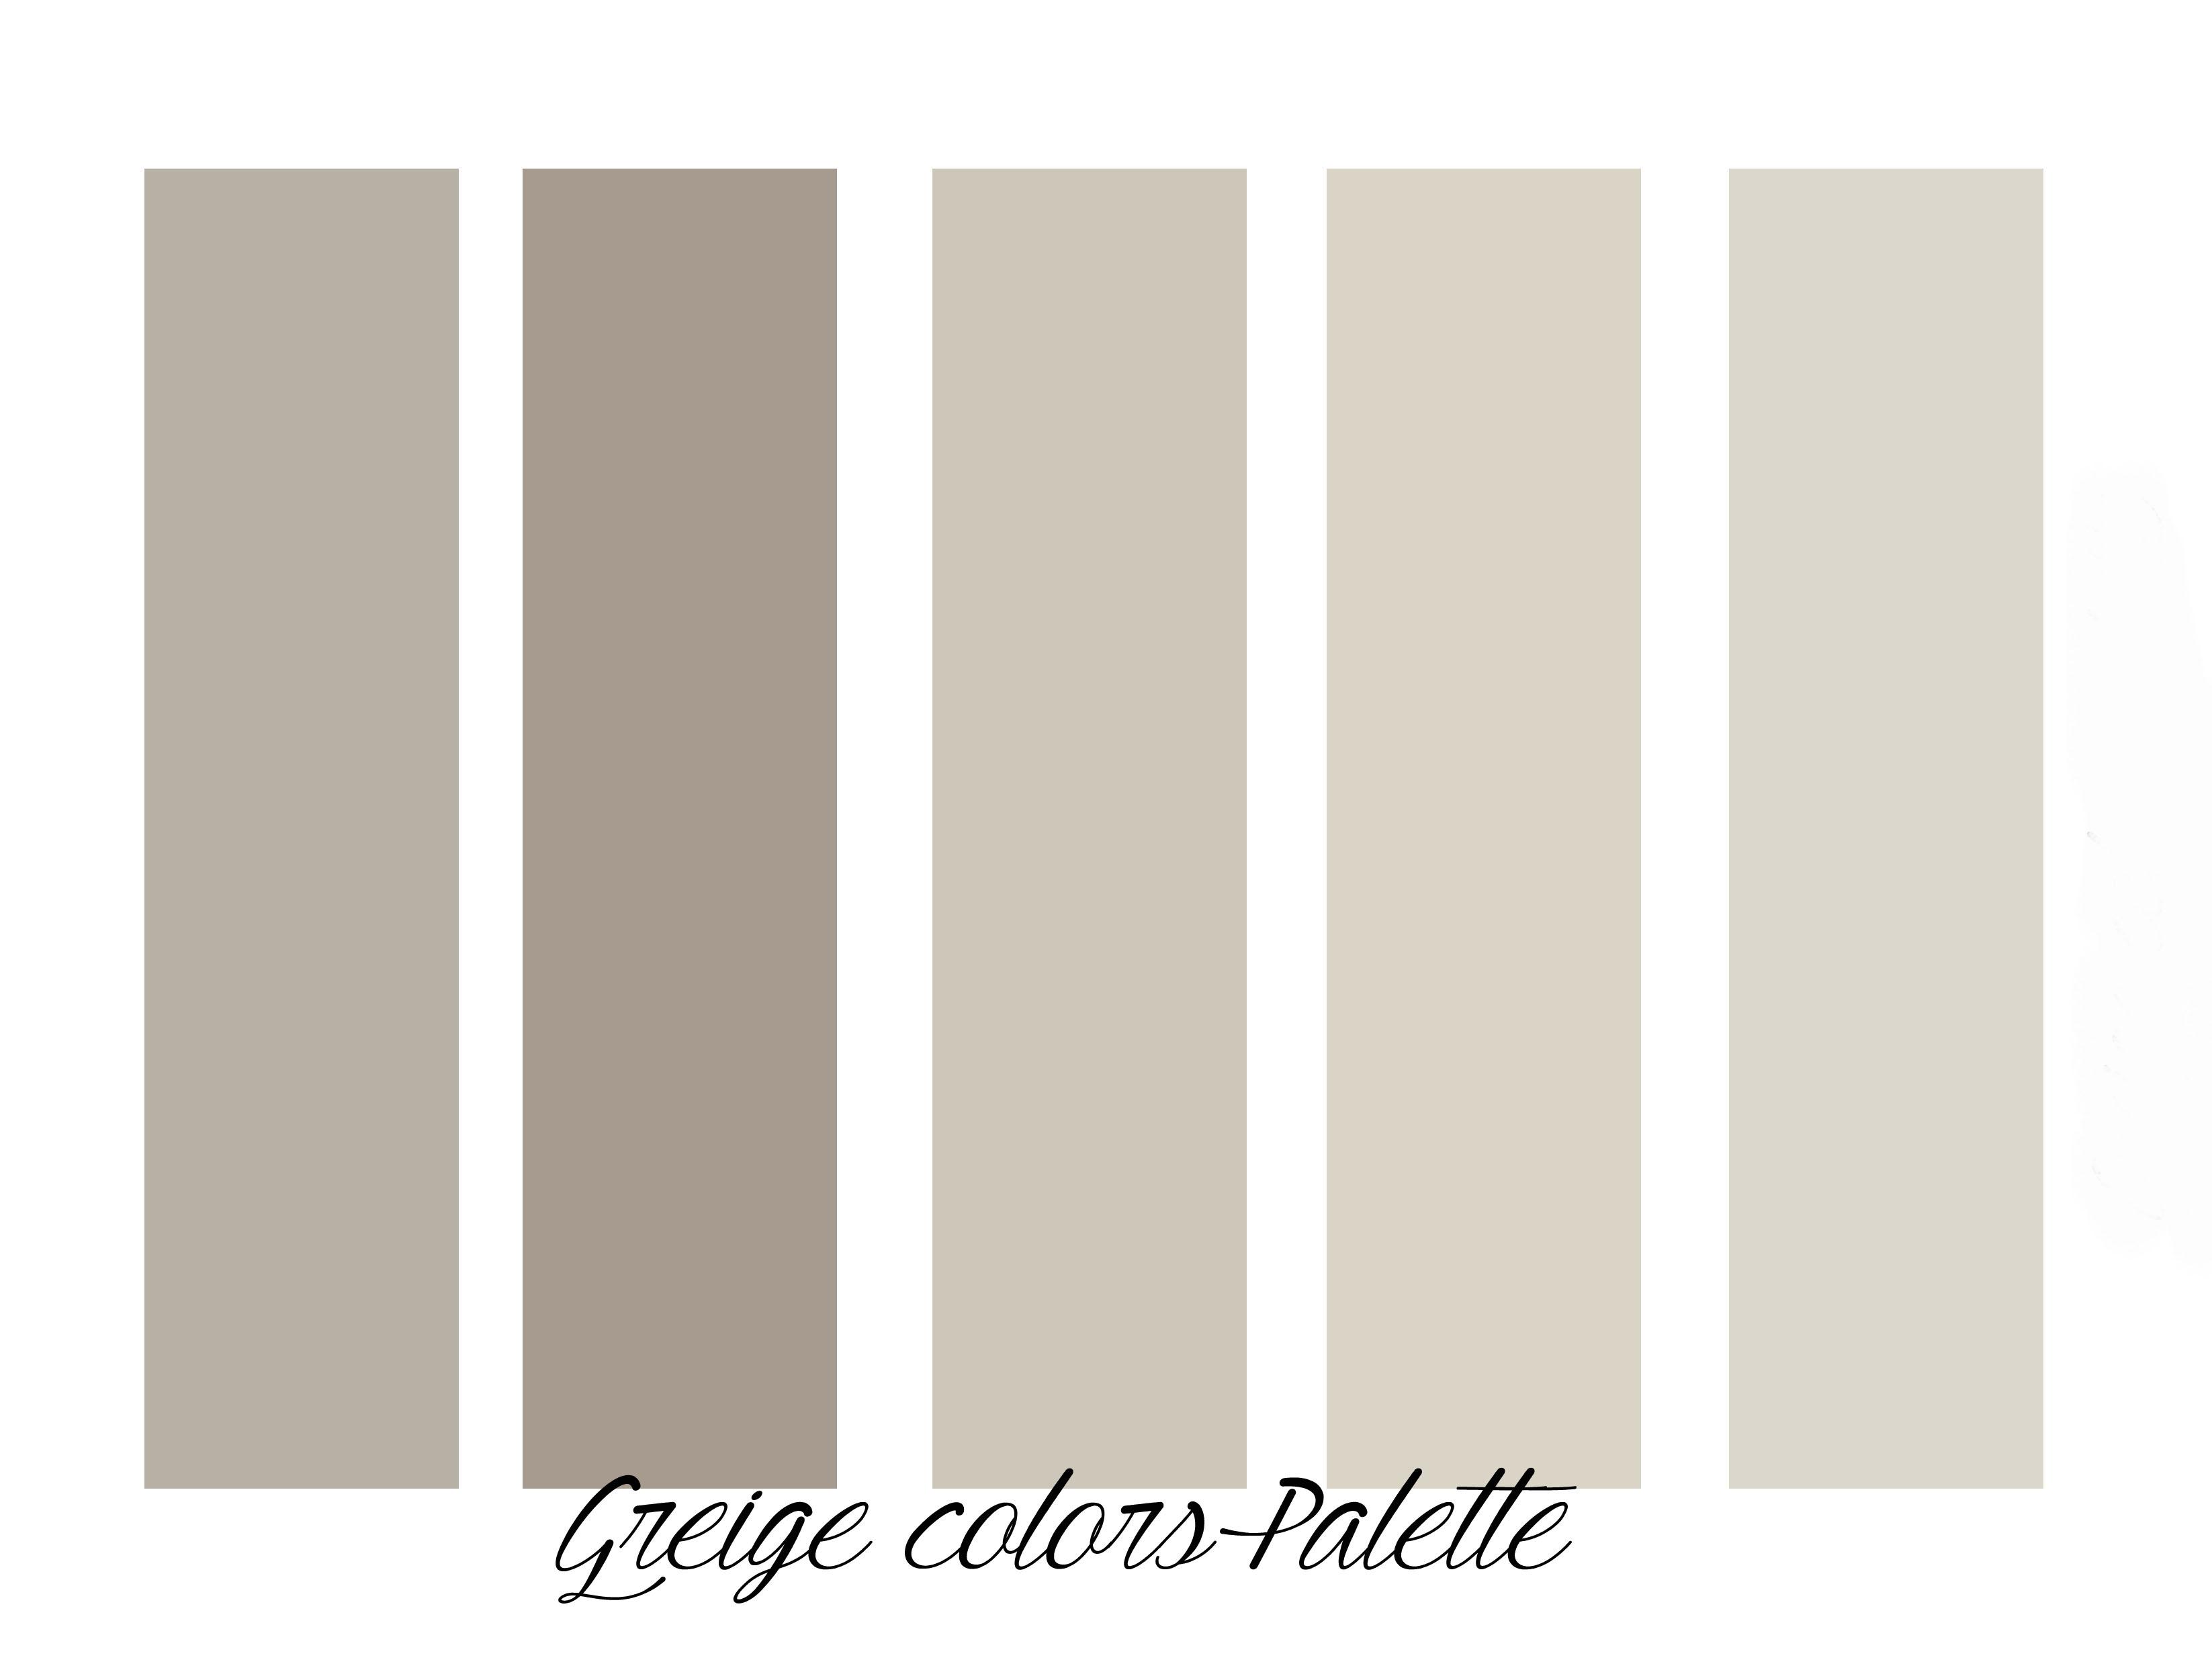 Good qui di seguito la mia greige color palette vedi pi - Lds pannelli decorativi ...